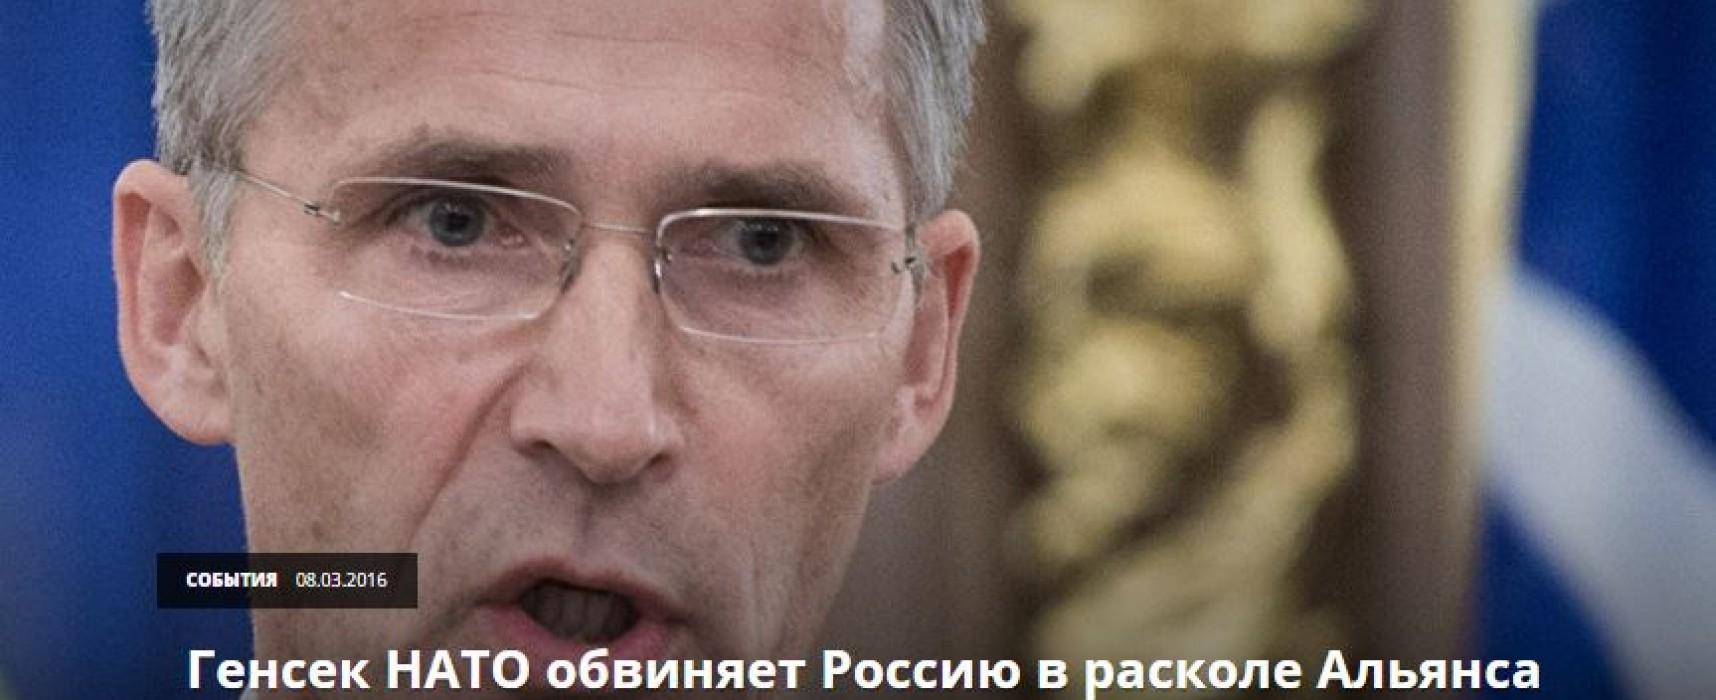 Falso: El secretario general de la OTAN culpó a Rusia en la división de la Alianza